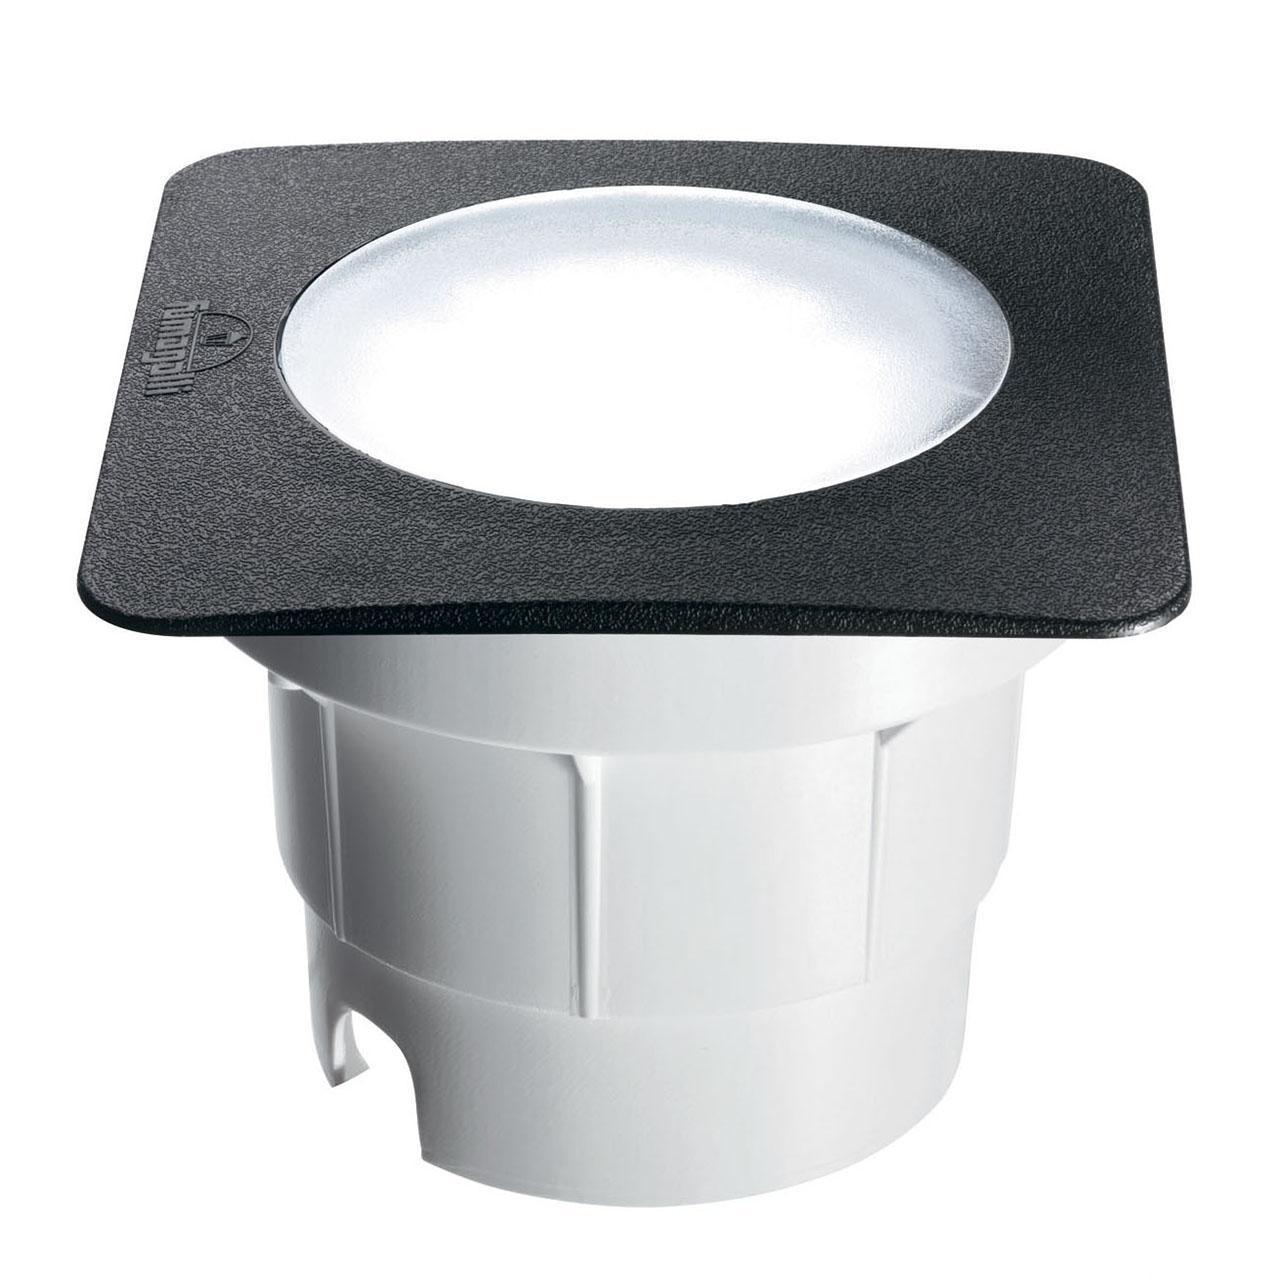 Ландшафтный светодиодный светильник Ideal Lux Ceci FI1 Square Big цены